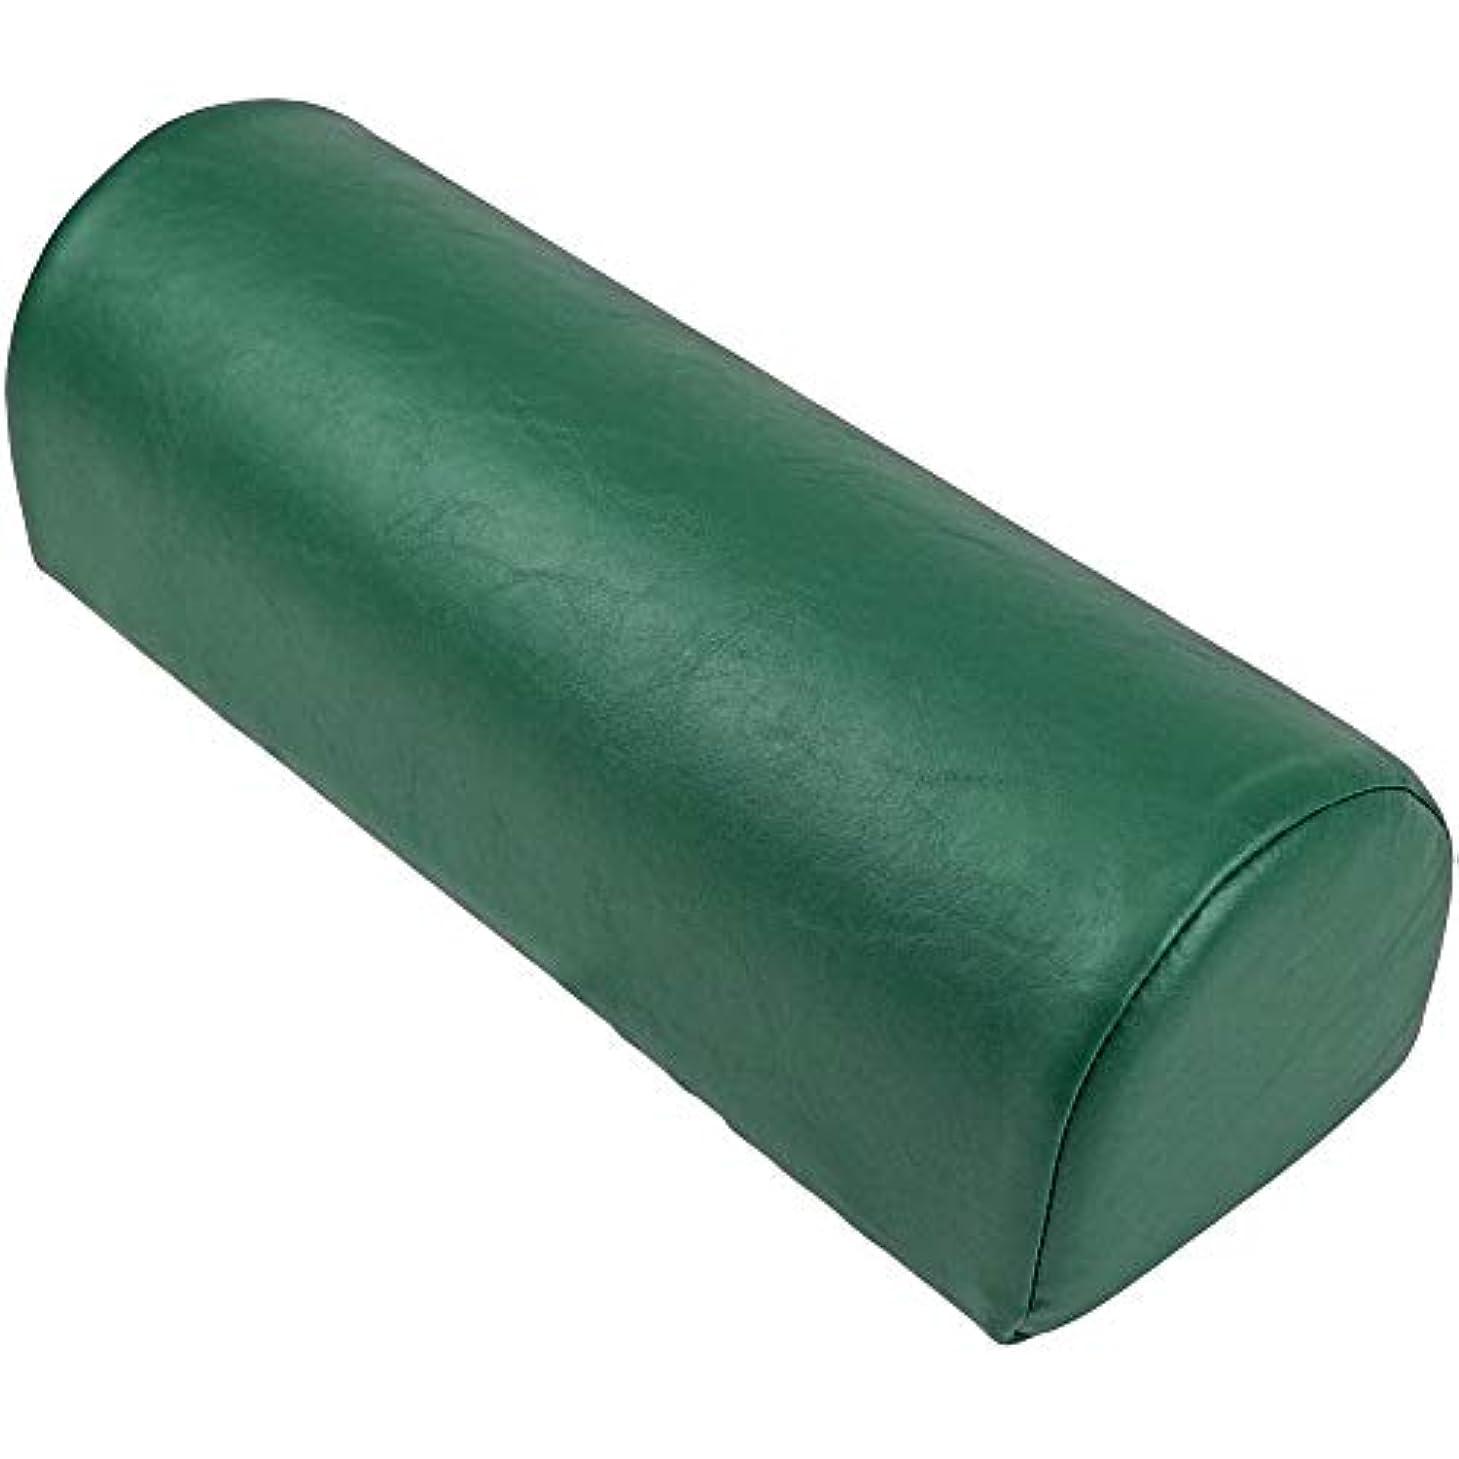 税金バイバイポケットLLOYD (ロイド) ダッチマンロール【平底型】マッサージ クッション 椎間板 の 施術 足首 の支え 側臥位 の際の 枕 にも最適 (フォレスト)